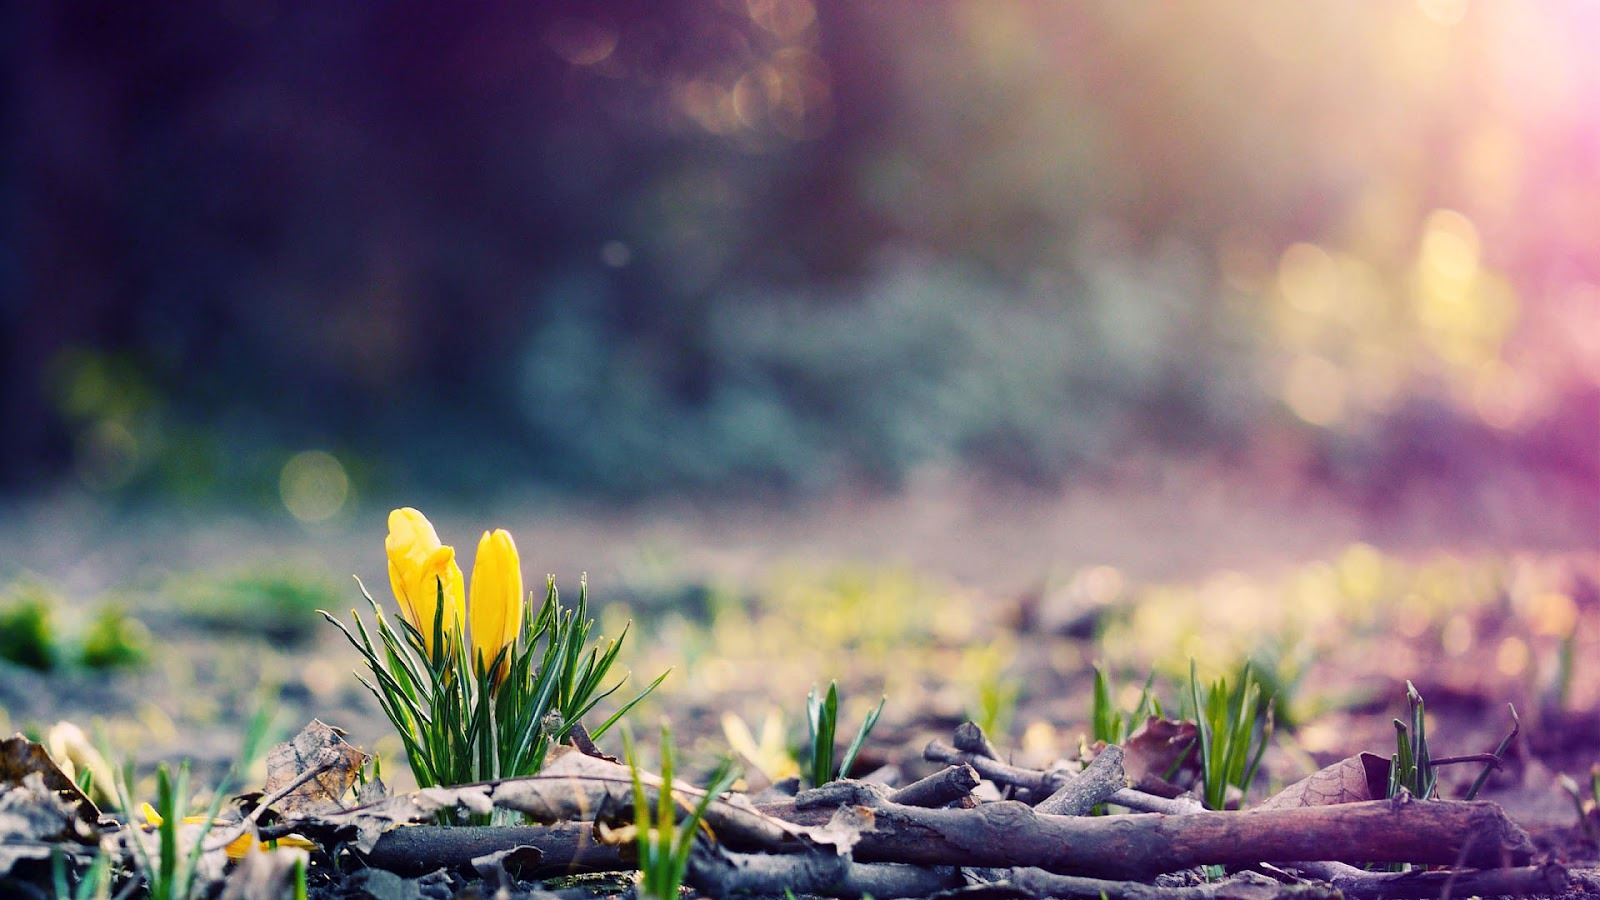 lente achtergronden hd - photo #3